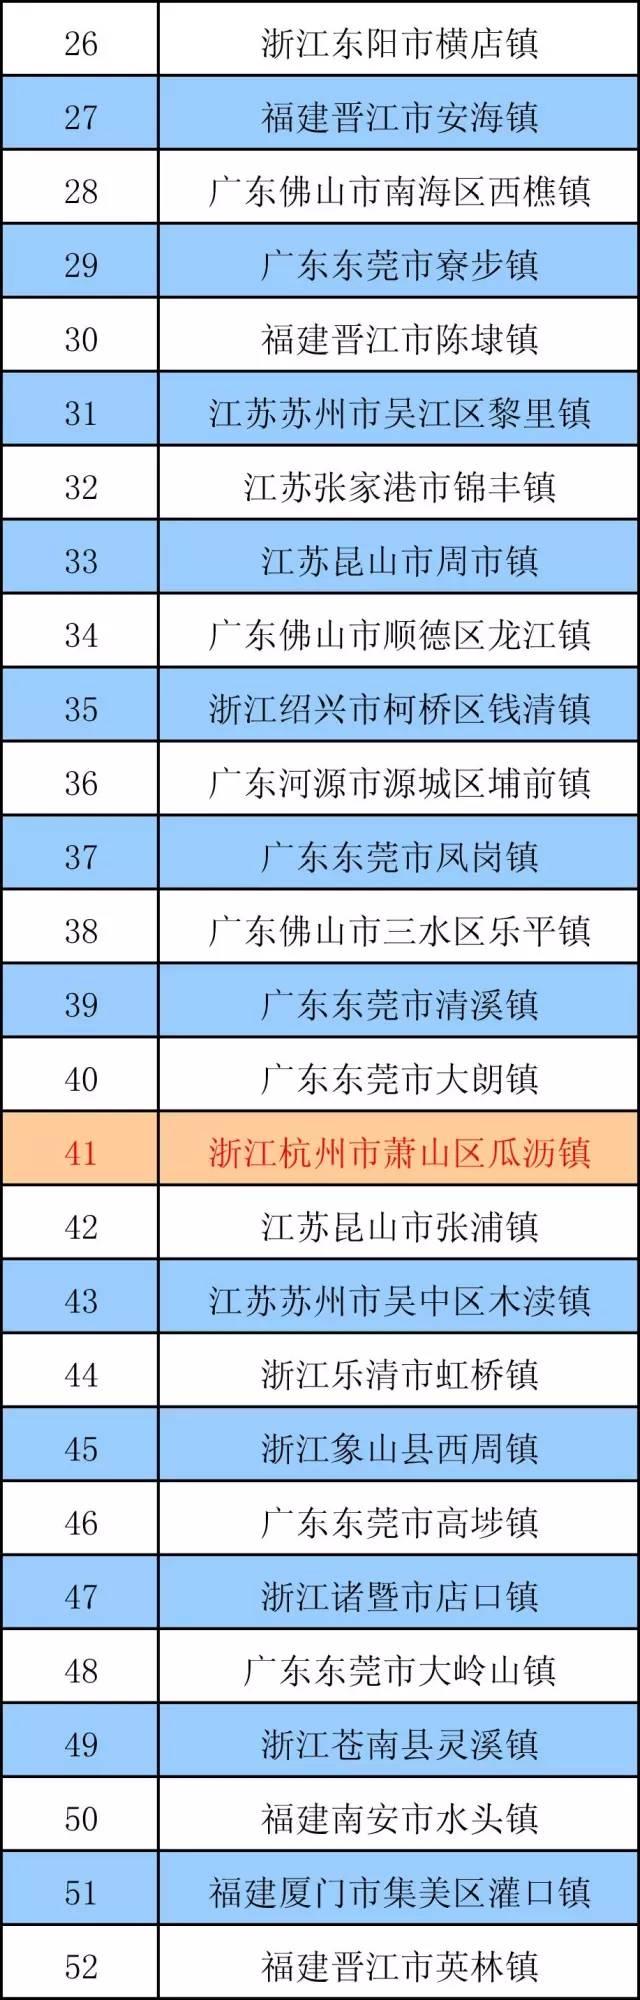 2016年度中国中小城市综合实力百强区 - 记彔无疆 - 数字中国